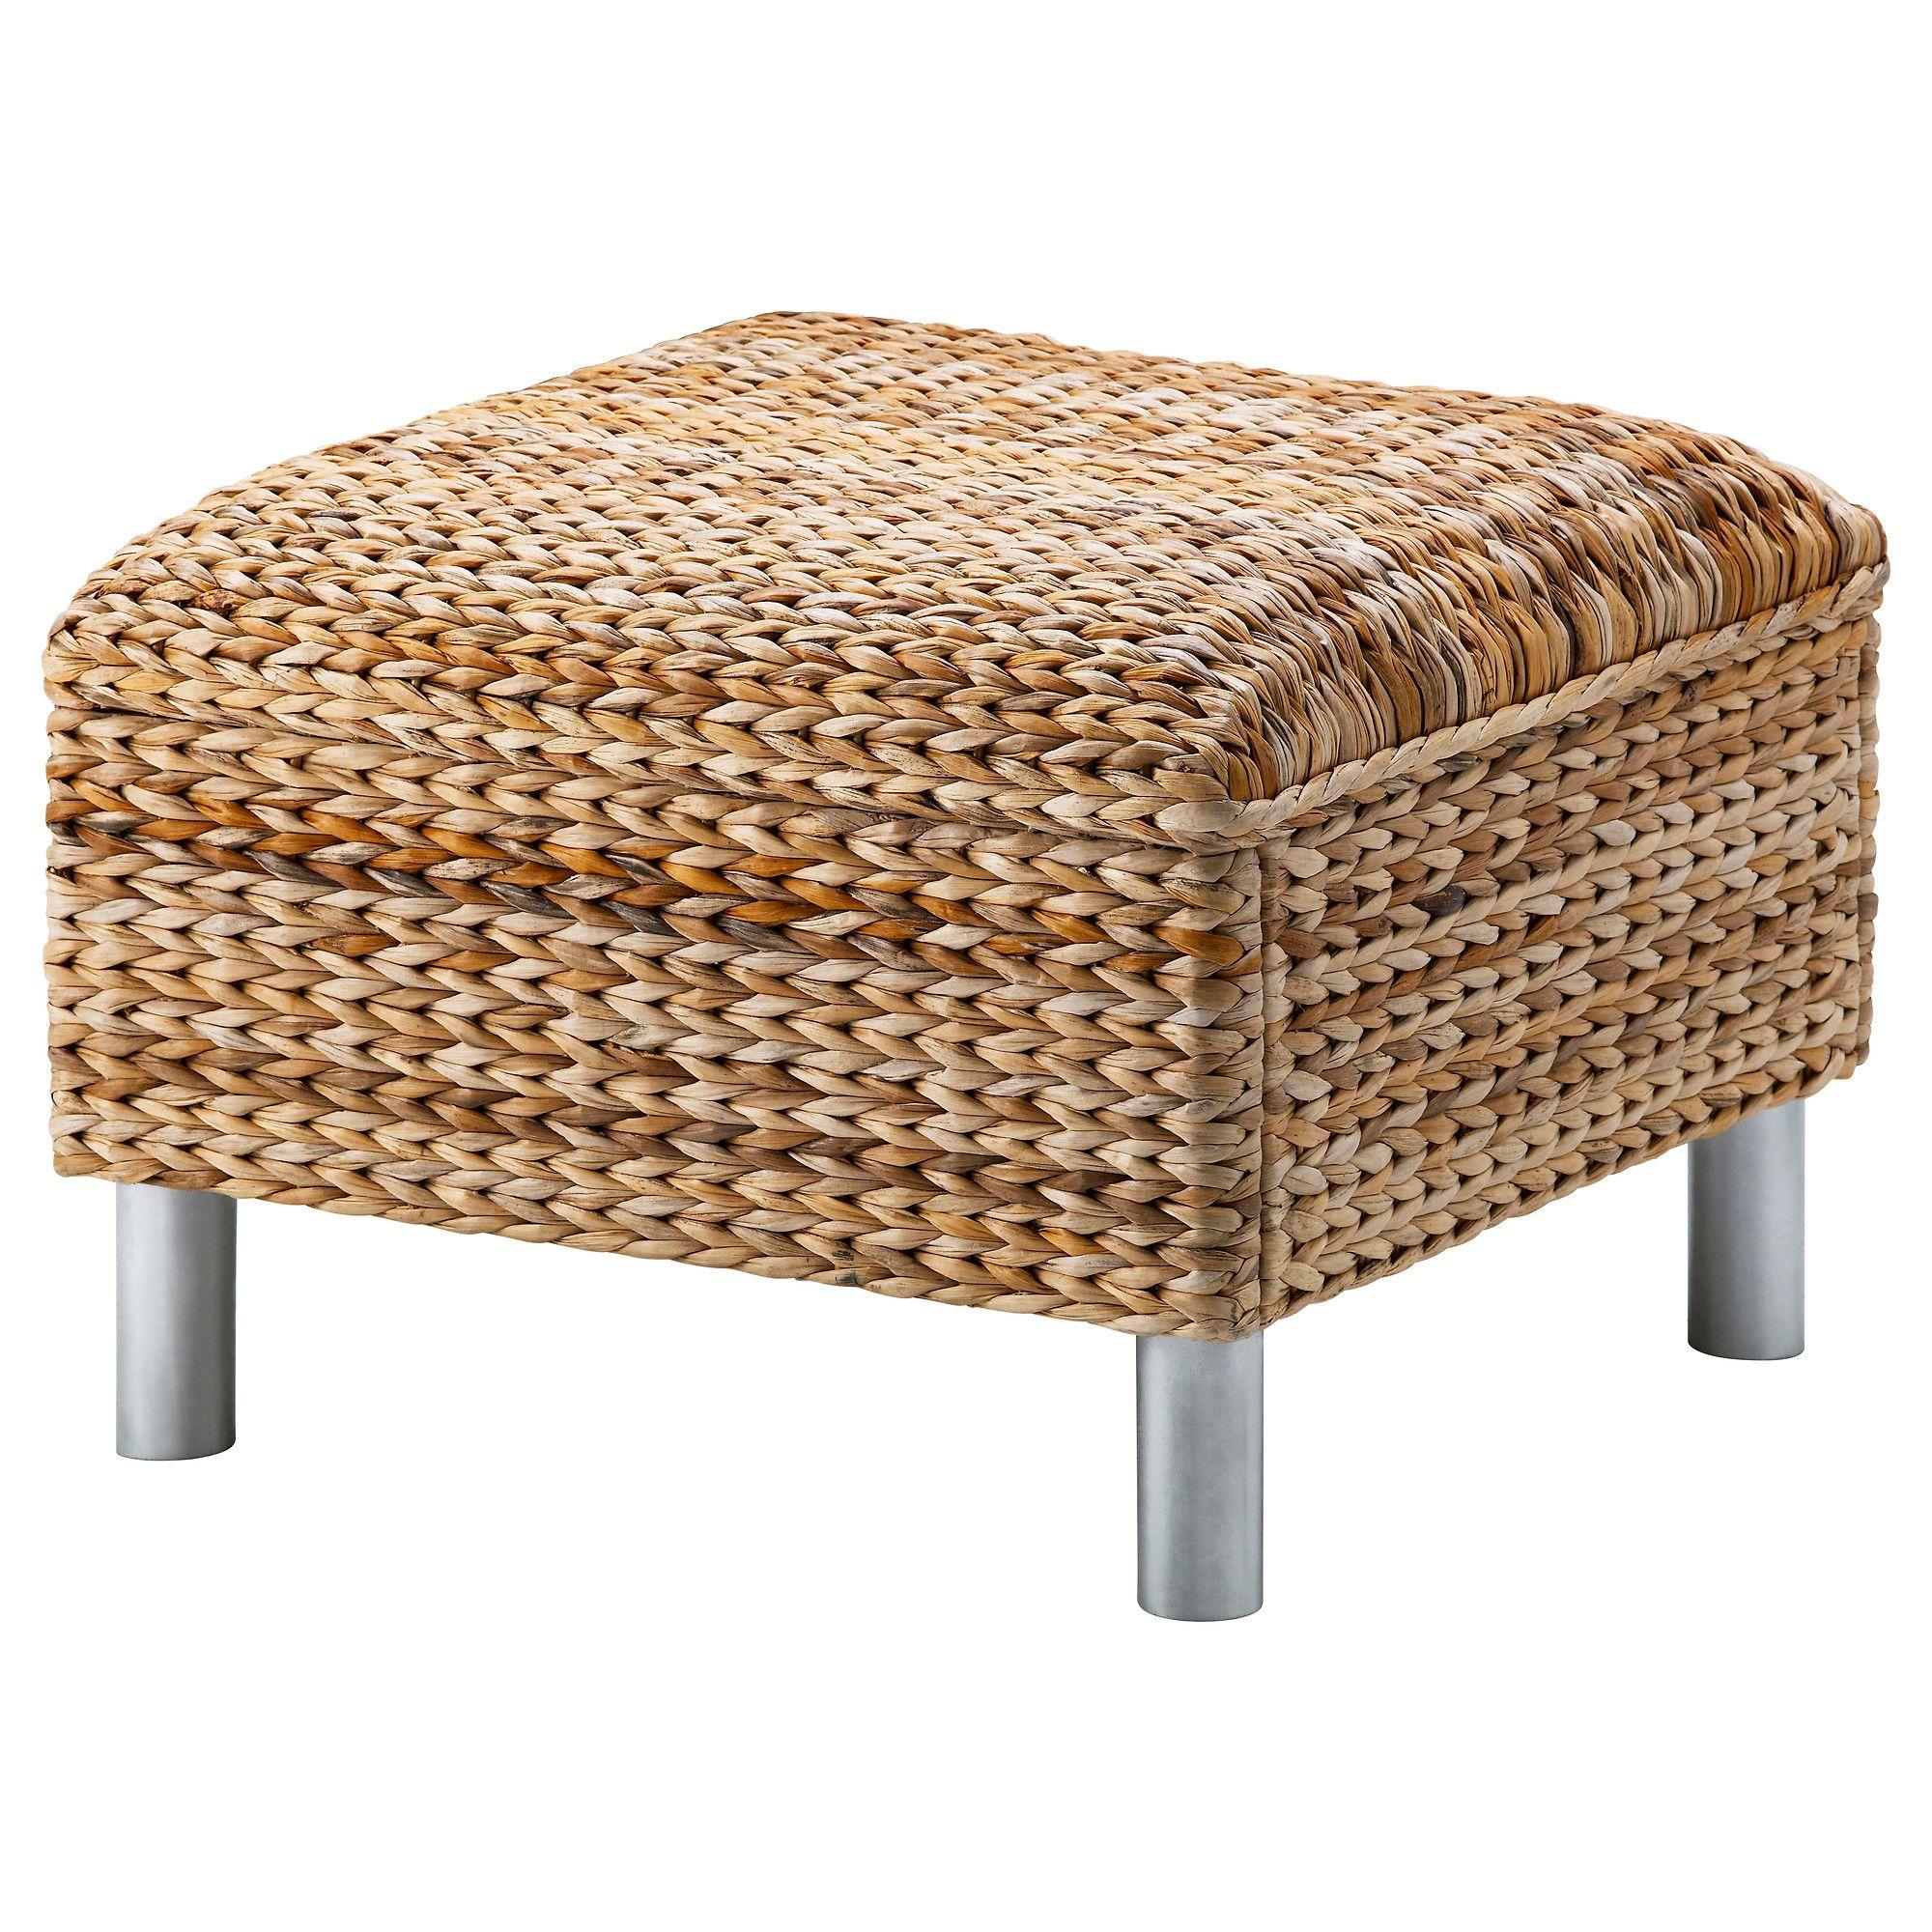 pouf de rangement ikea pouf de rangement ikea with pouf de rangement ikea pouf ikea stockholm. Black Bedroom Furniture Sets. Home Design Ideas